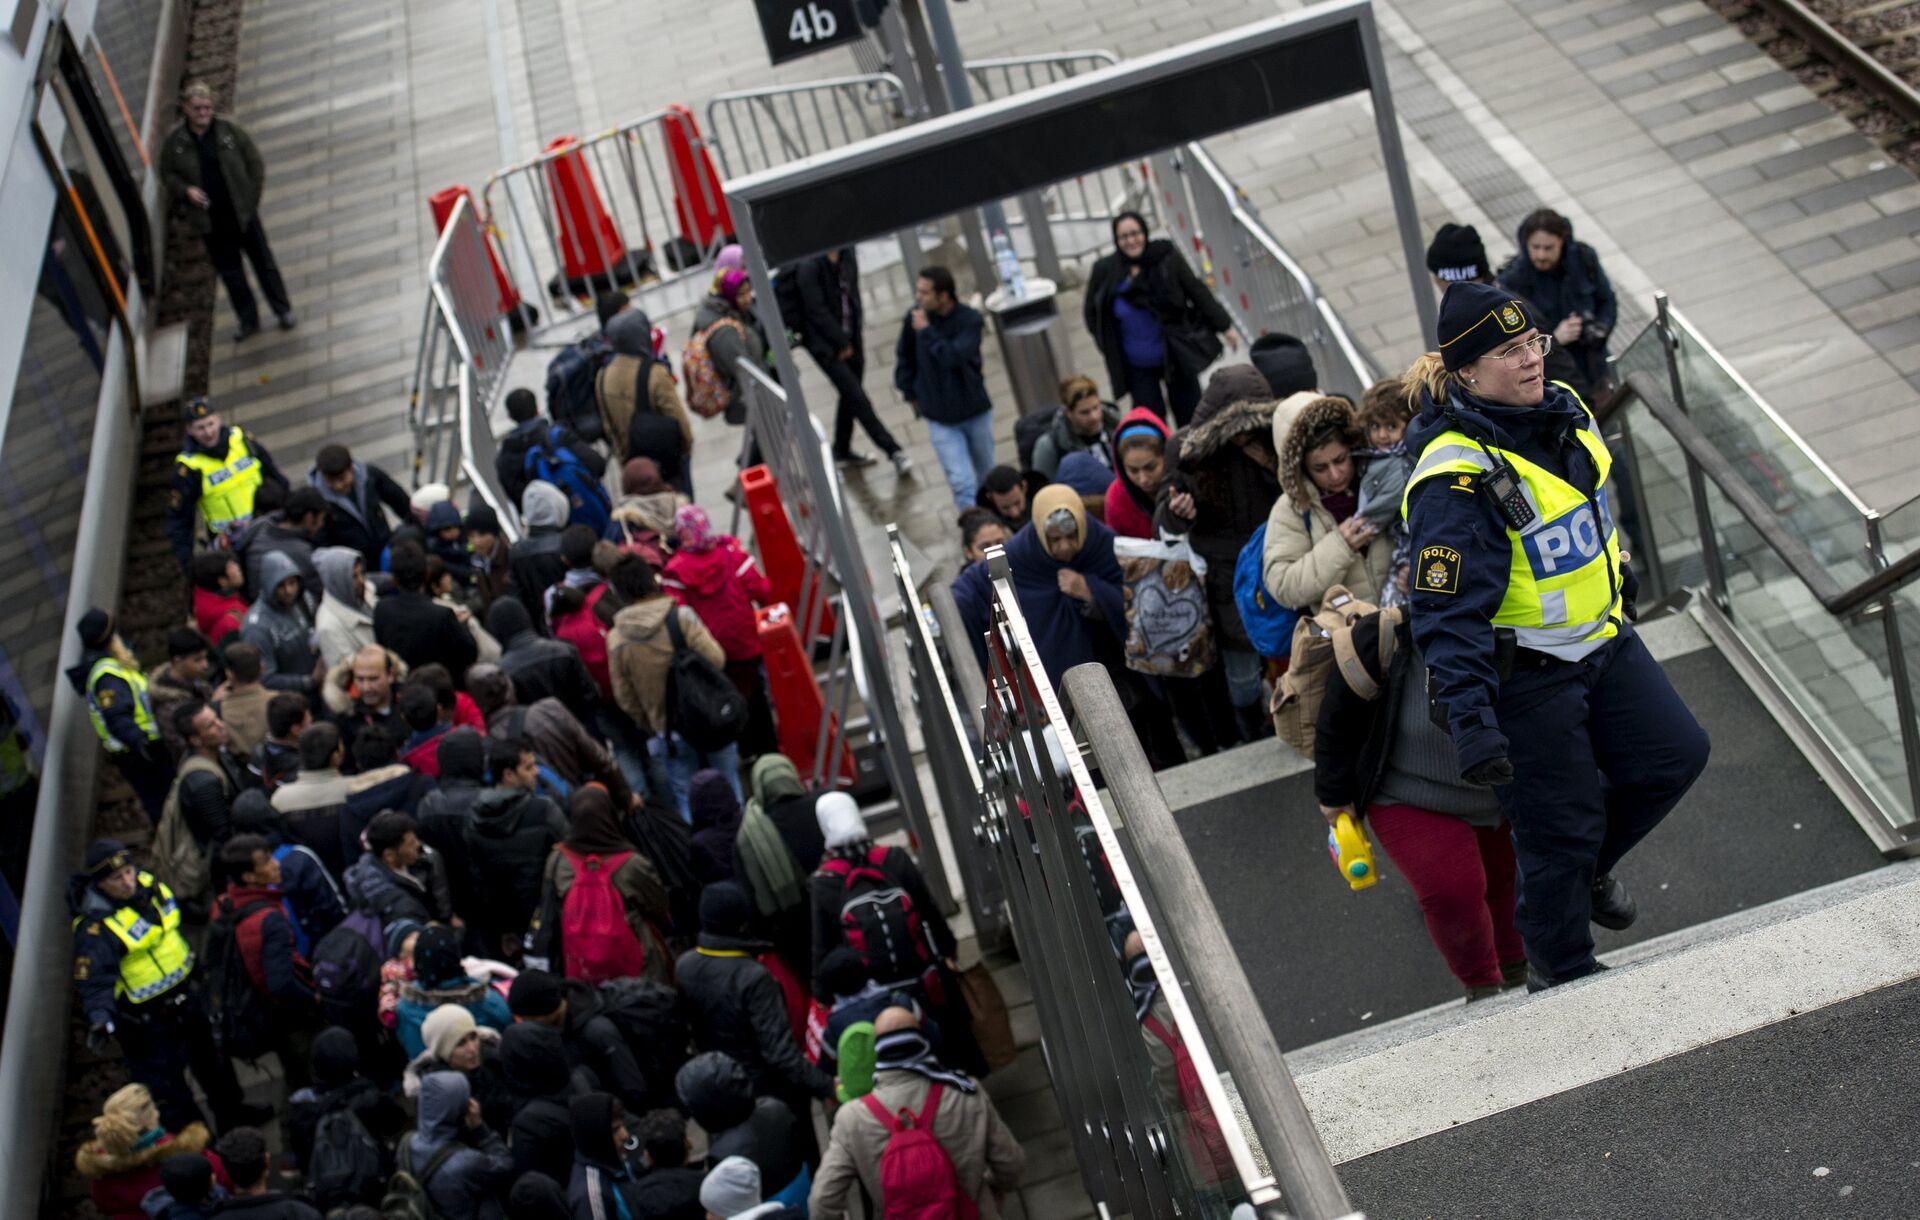 Rifugiati siriani all'arrivo in una stazione nell'autunno del 2015 - Sputnik Italia, 1920, 11.10.2021